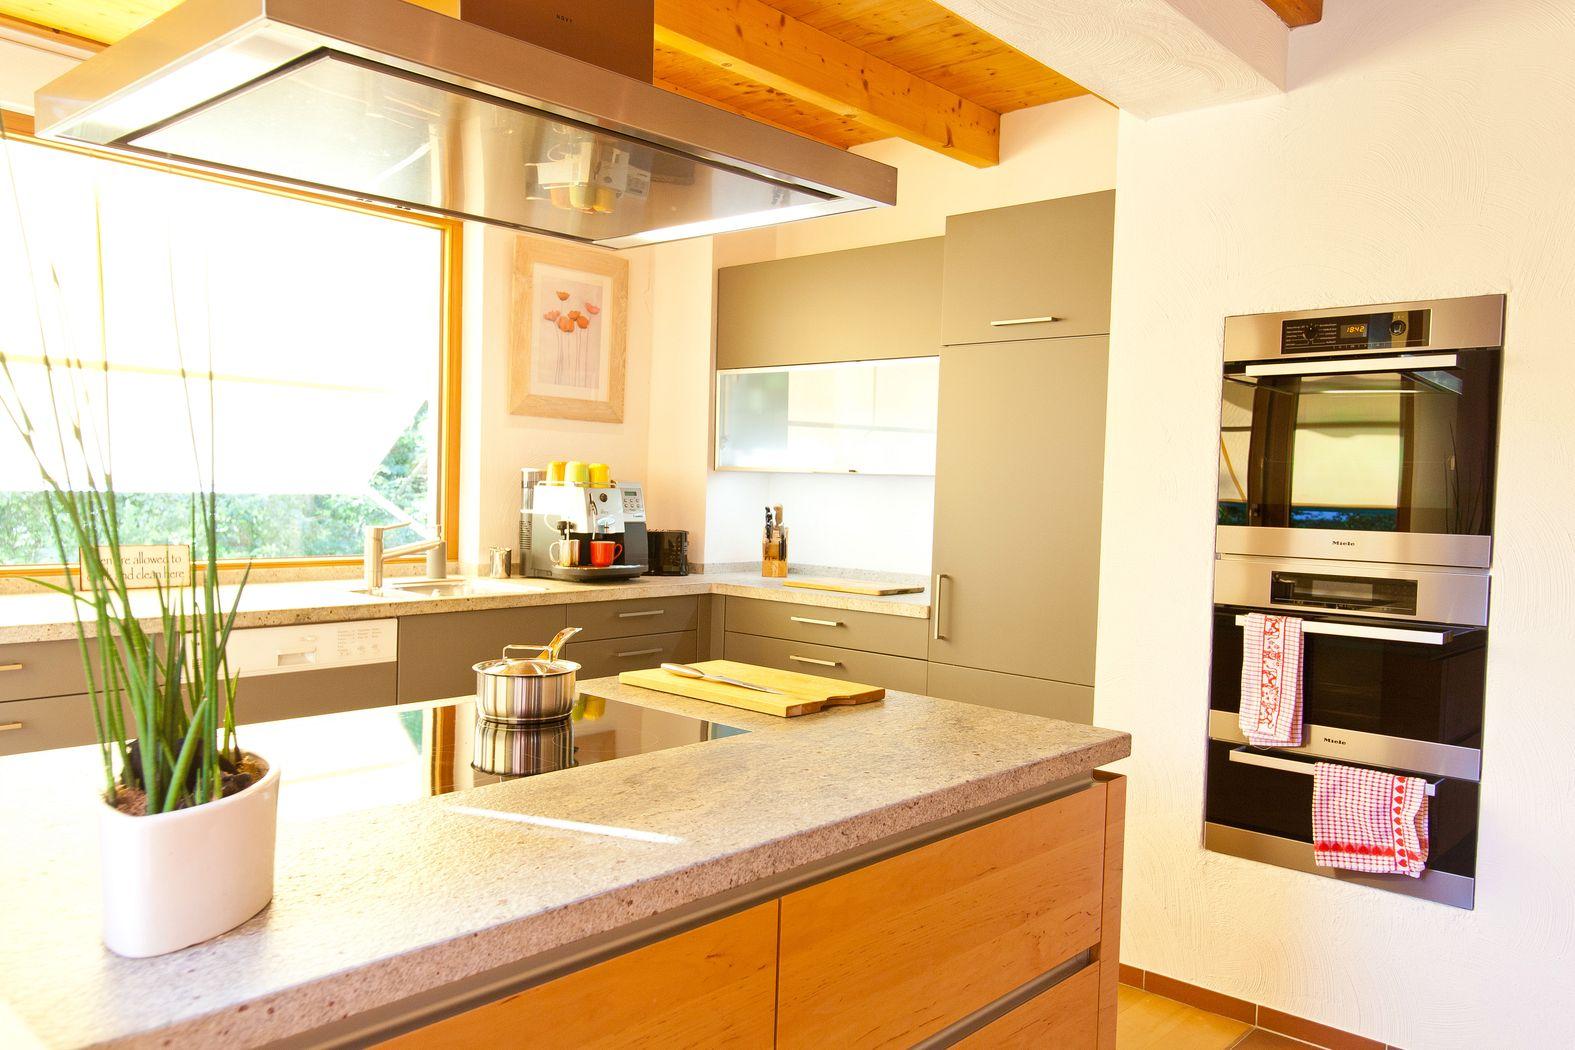 Küchenformen – Küche in U-Form, L-Form, I-Form oder Inselküche?